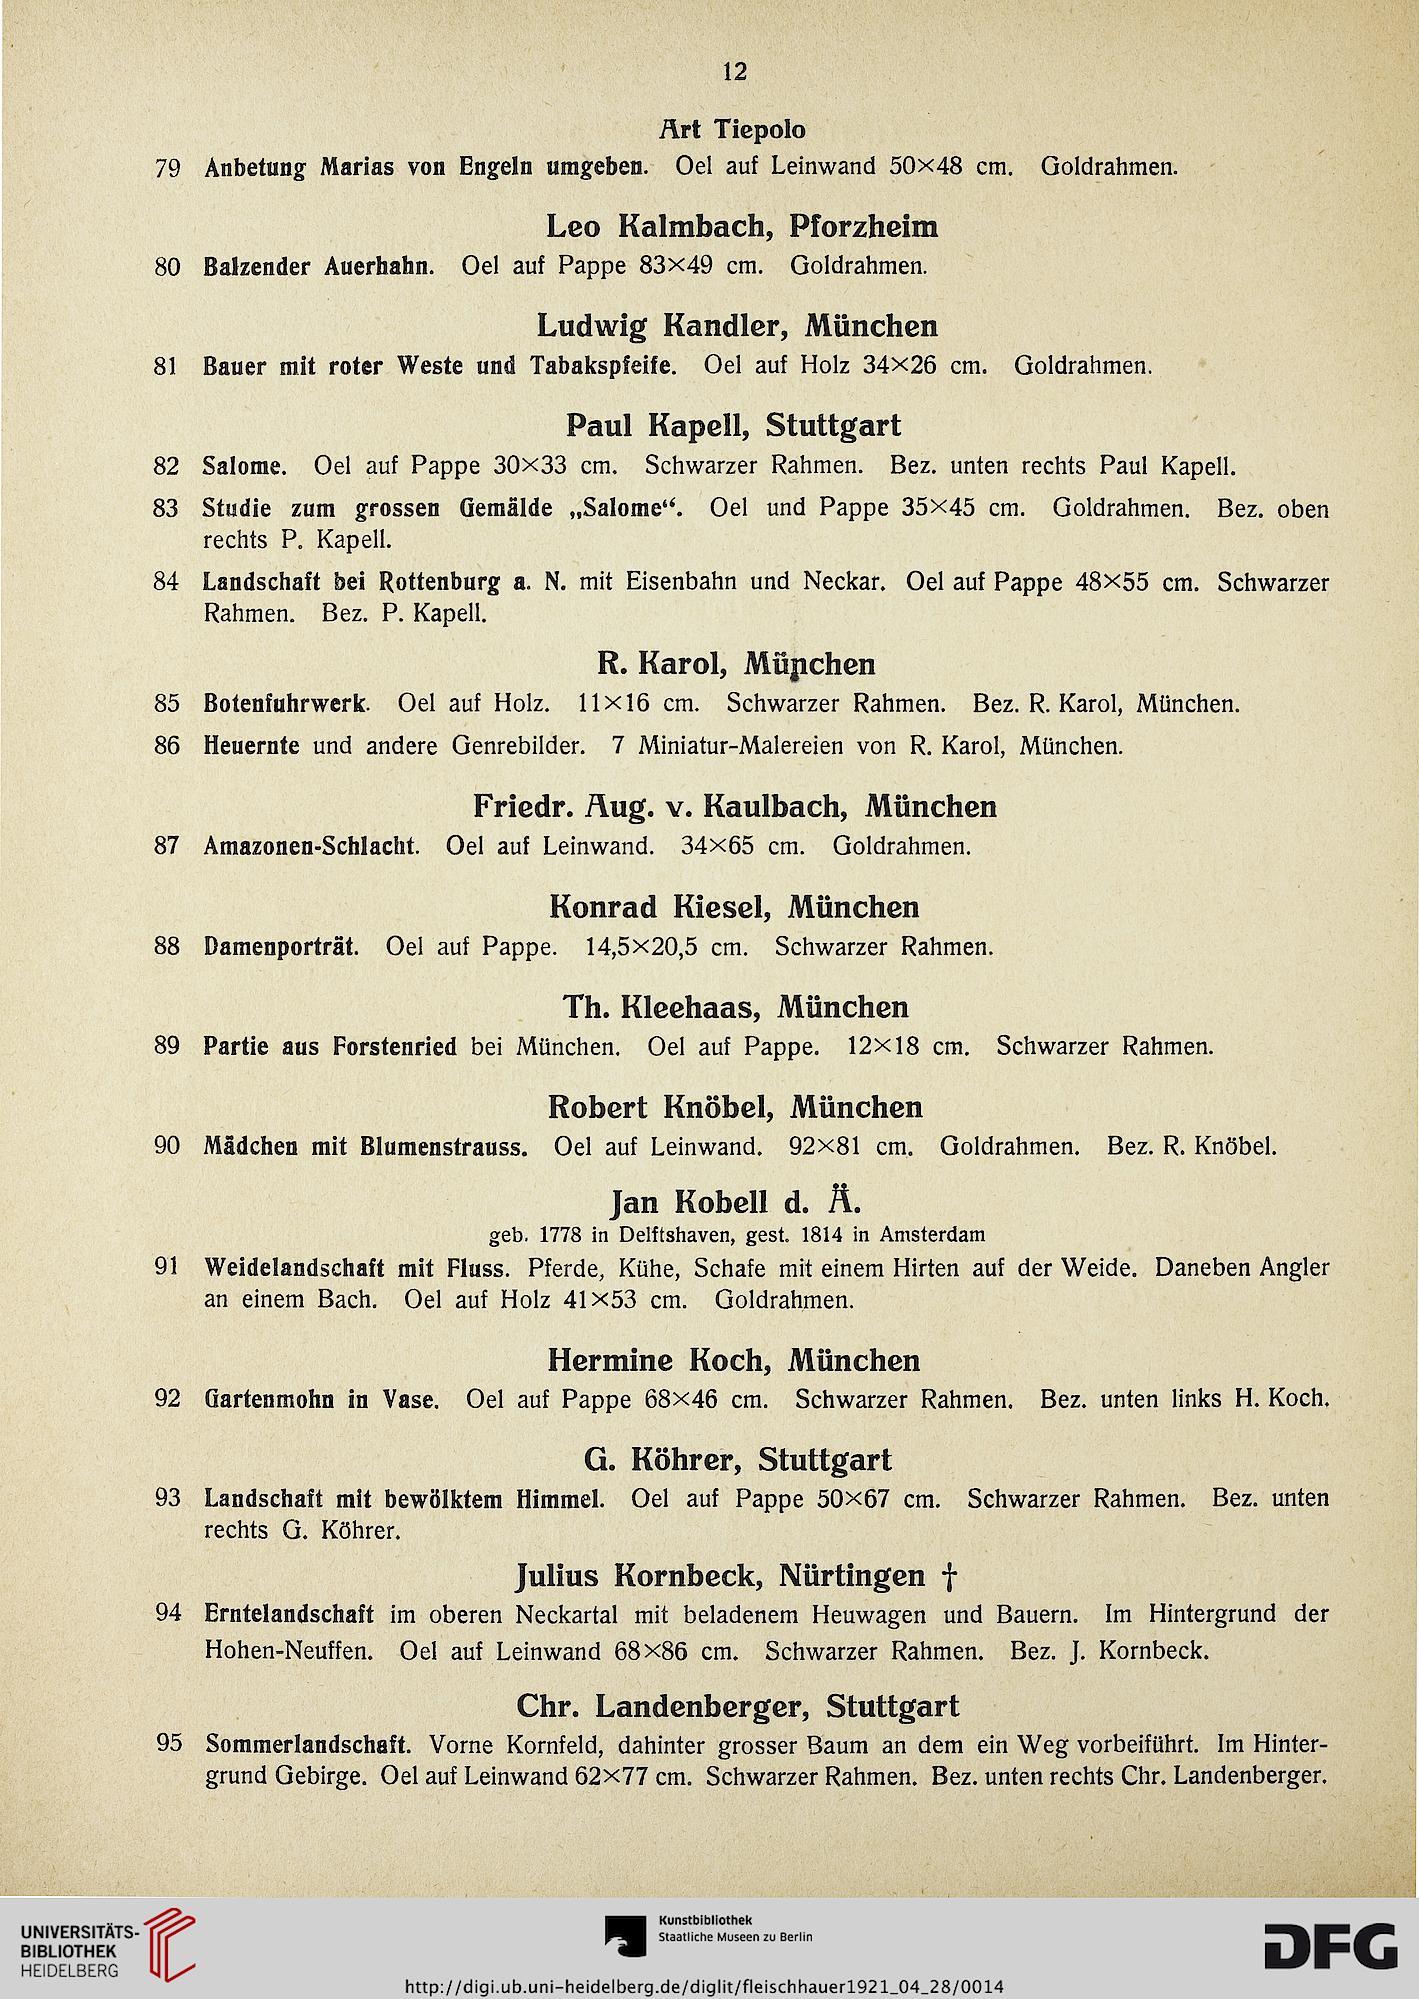 Felix Fleischhauer <Stuttgart> [Hrsg.]: Gemälde alter und moderner ...